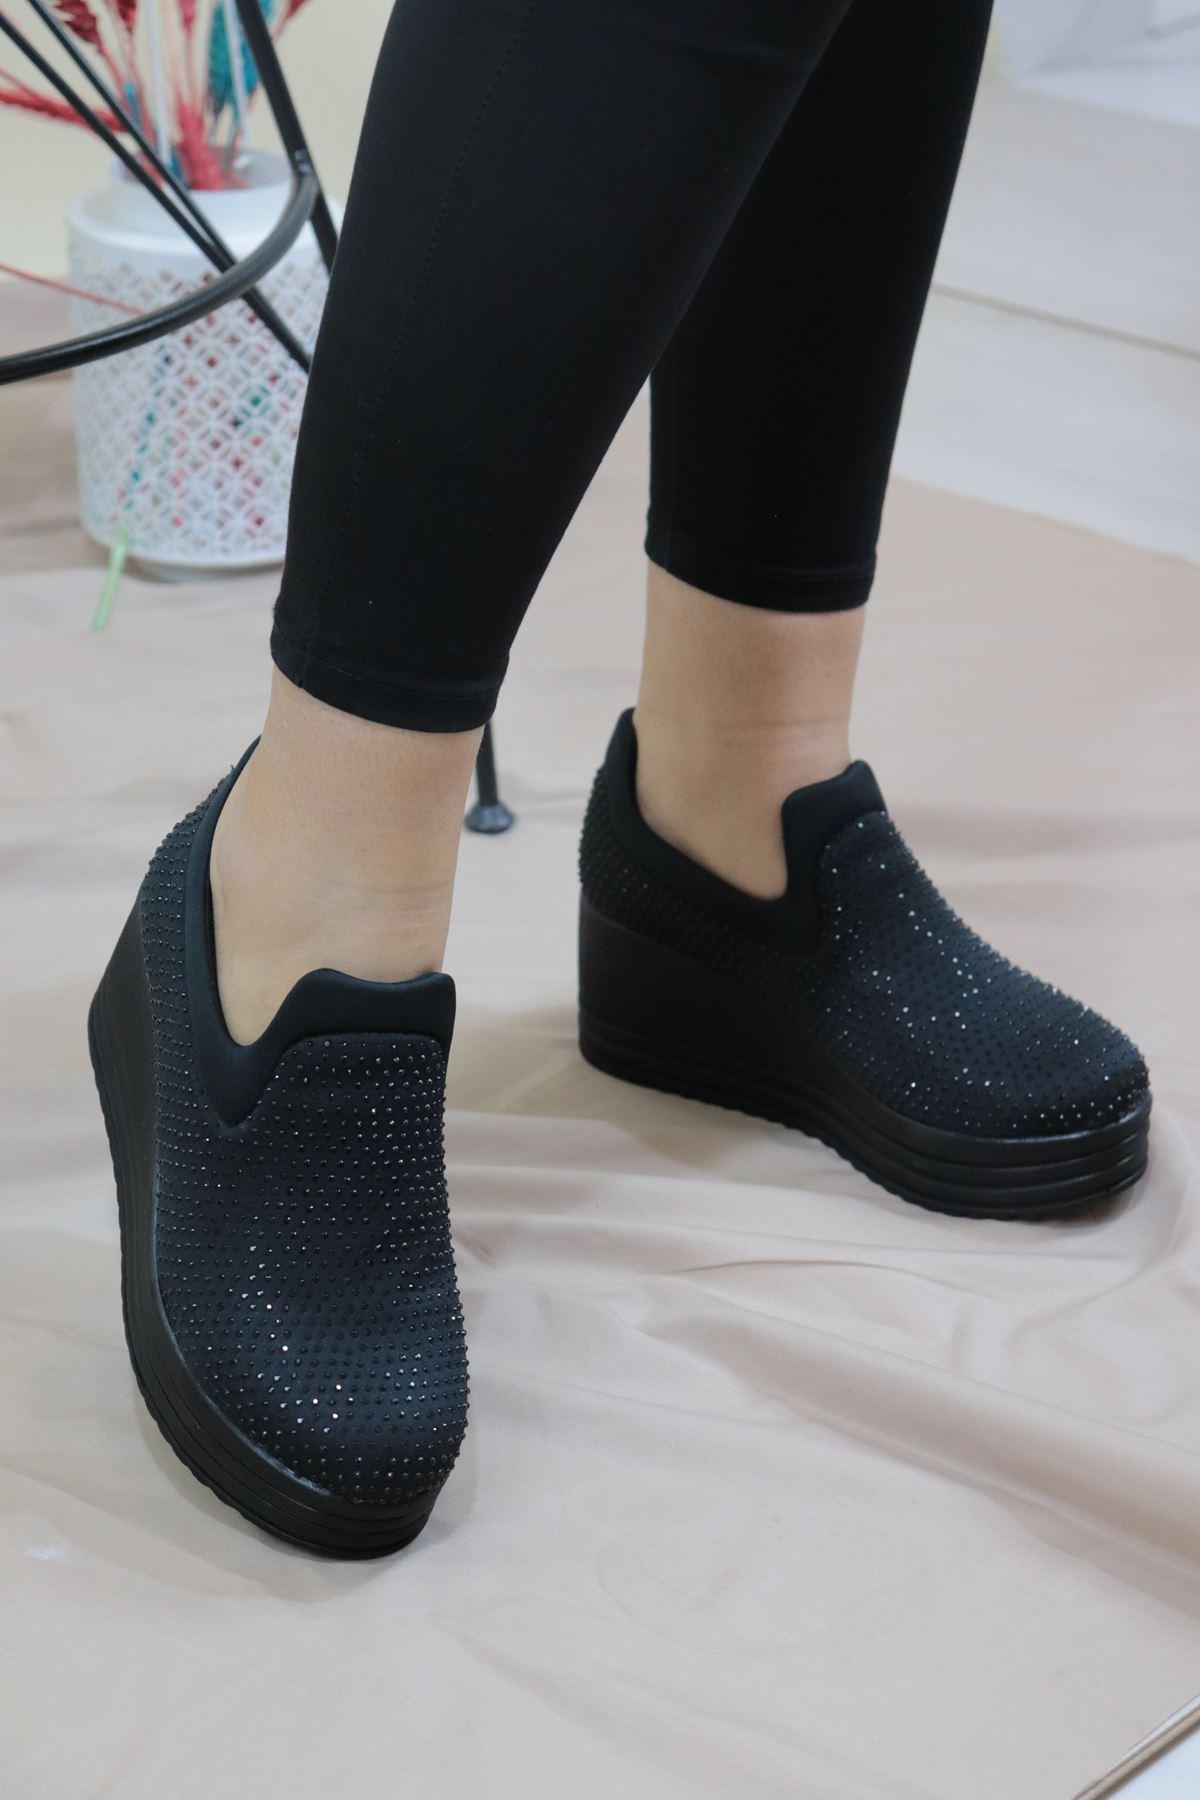 Trendayakkabı - Siyah Taşlı Dolgu Topuk Kadın Ayakkabı